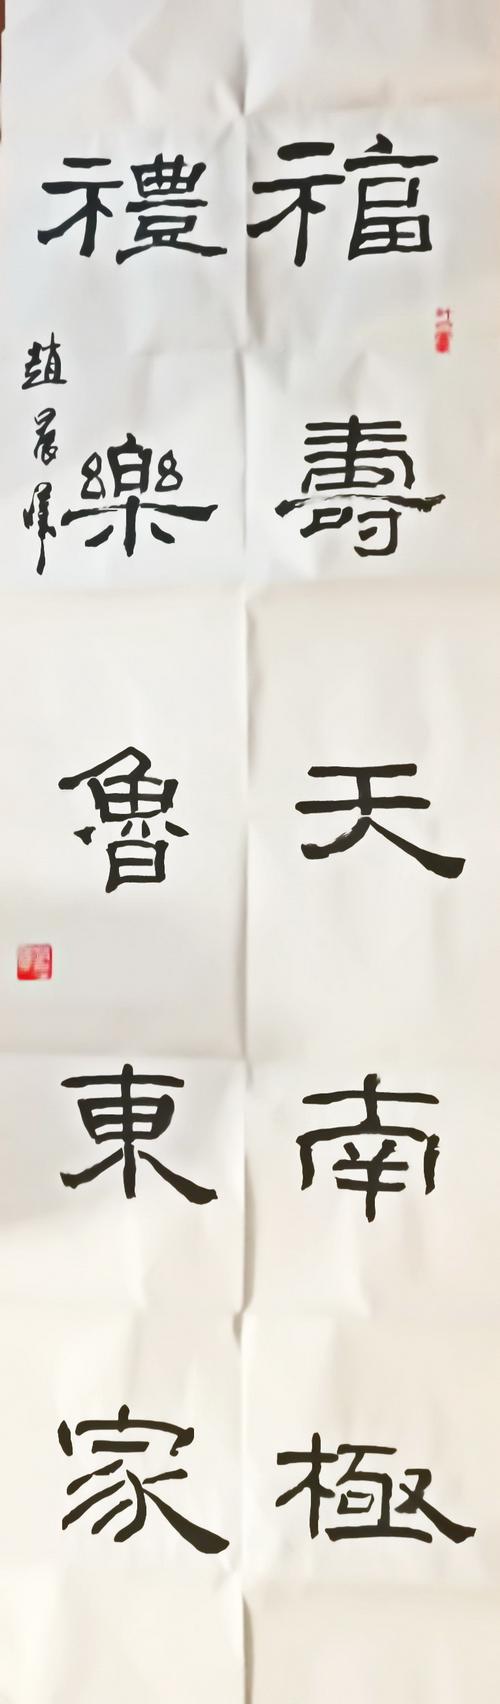 赵晨曦-9岁-北京.jpg